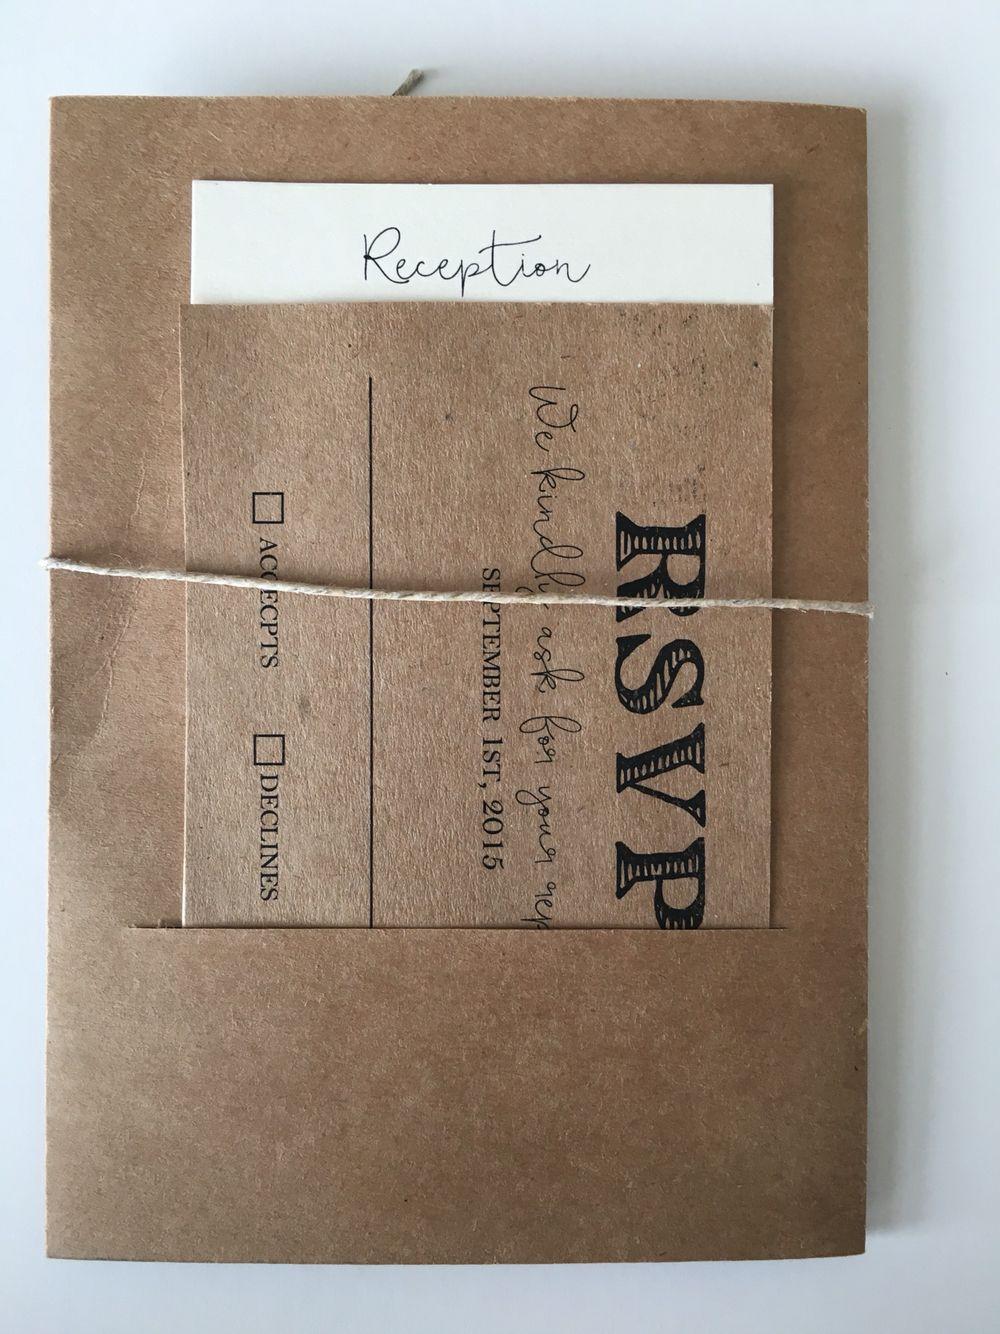 Barn Door Die Cut Wedding Invitation Back Slit Pocket With Rsvp Reception Card: Wedding Invitations Barn Door At Websimilar.org